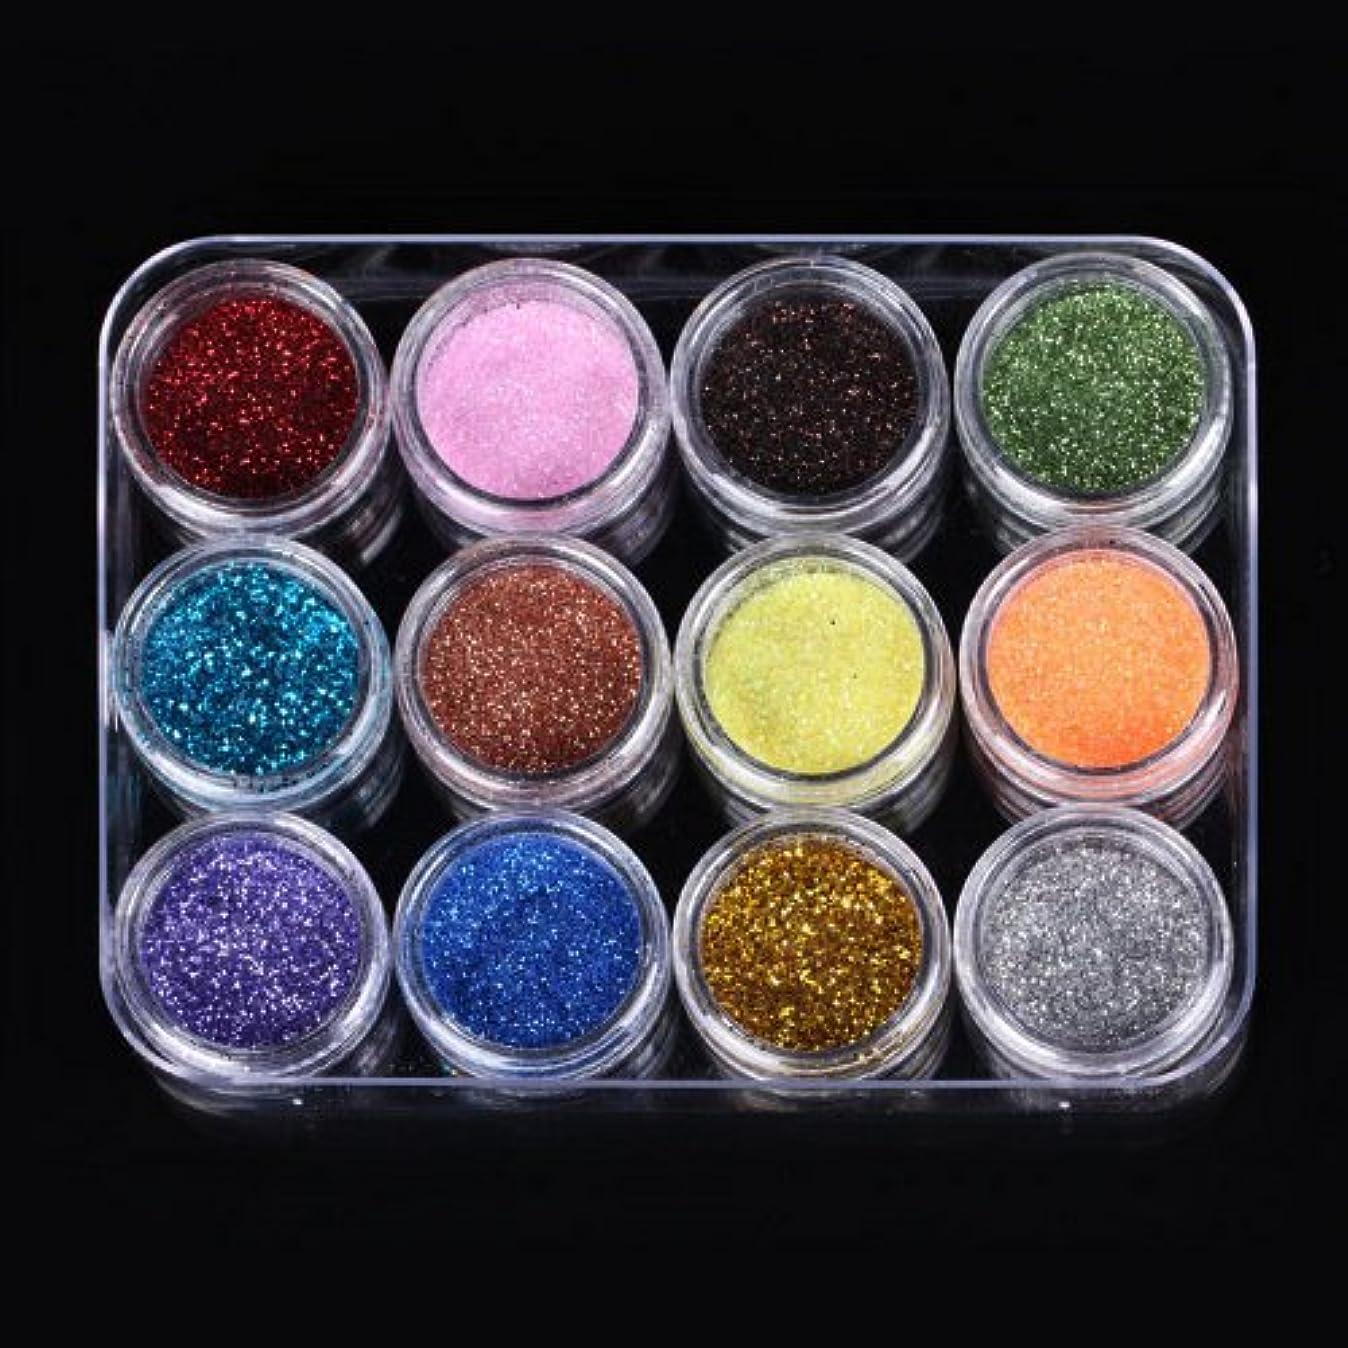 突然インカ帝国虫ネイル用微粒子0.3mmグリッターラメ12色セット☆ジェルネイルに◎【青】